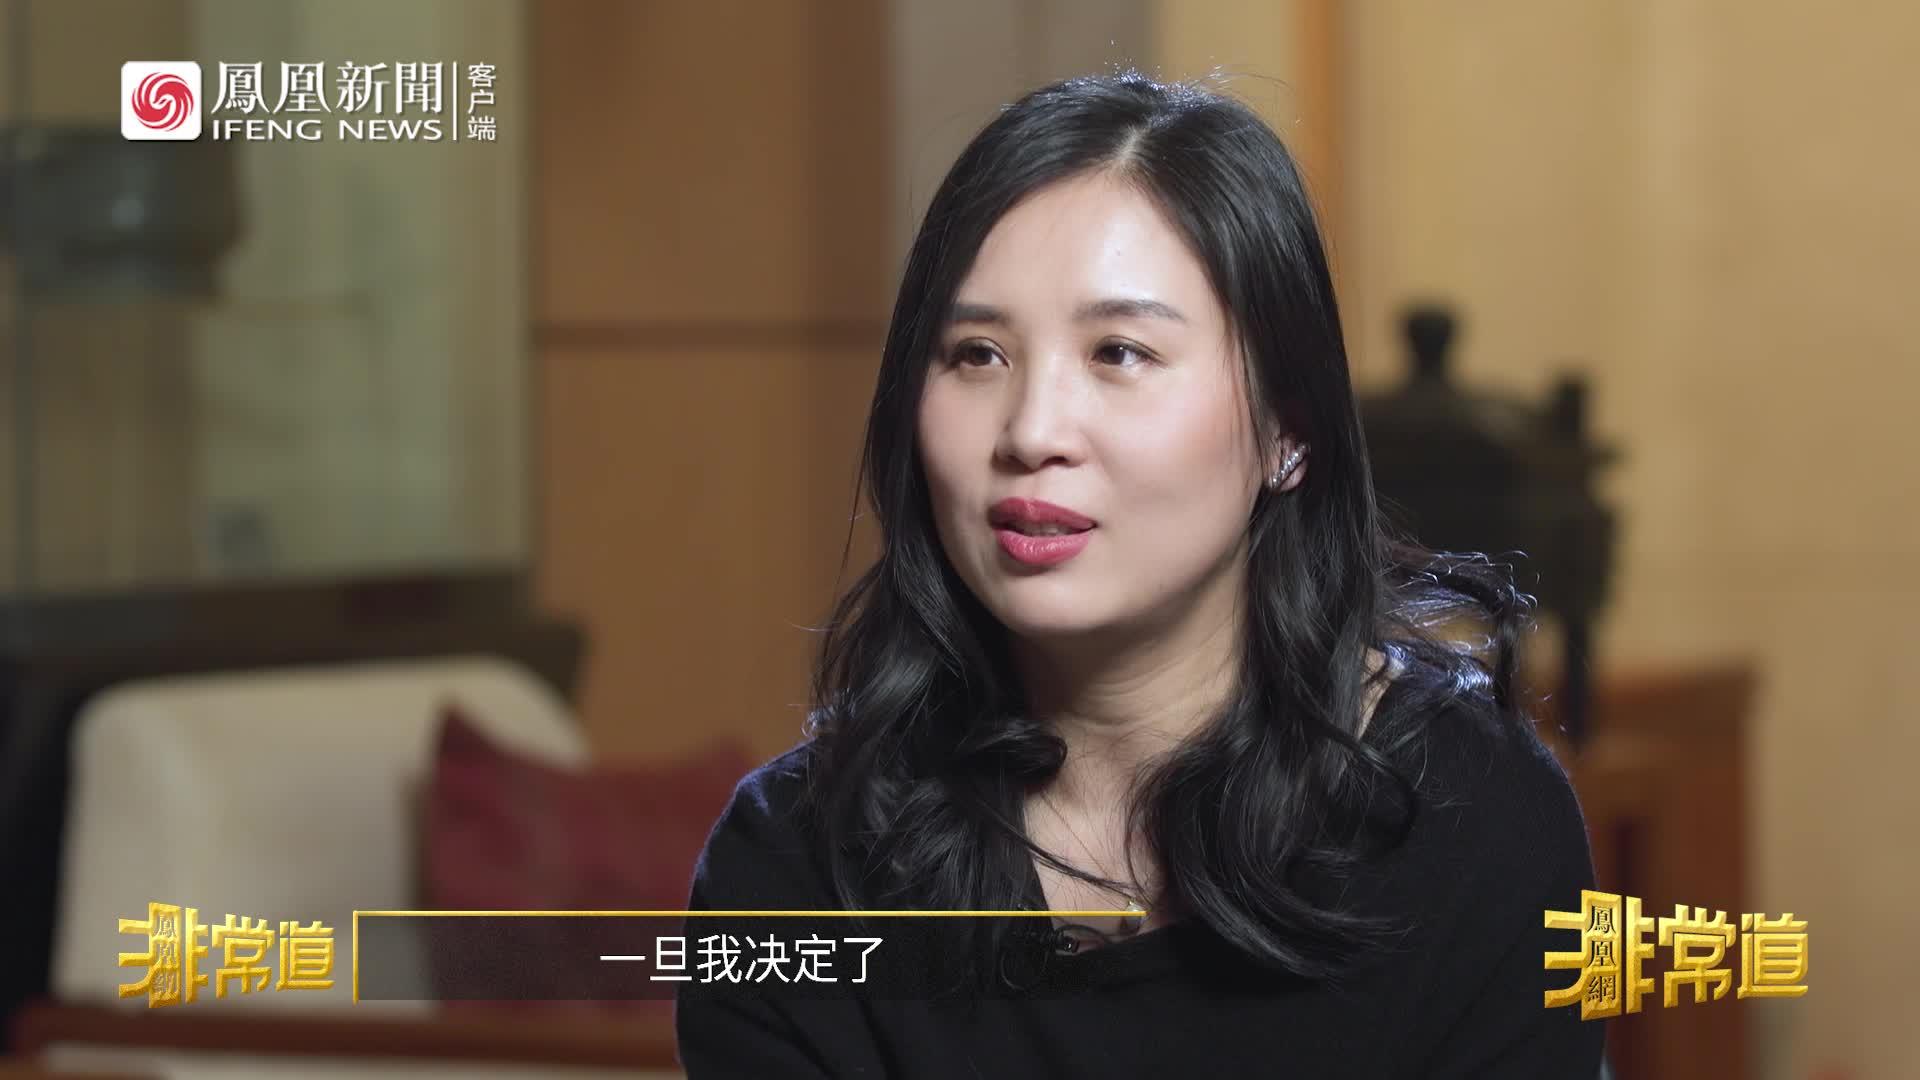 钟丽芳谈女性创业:工作家庭之间很难平衡 | 非常道